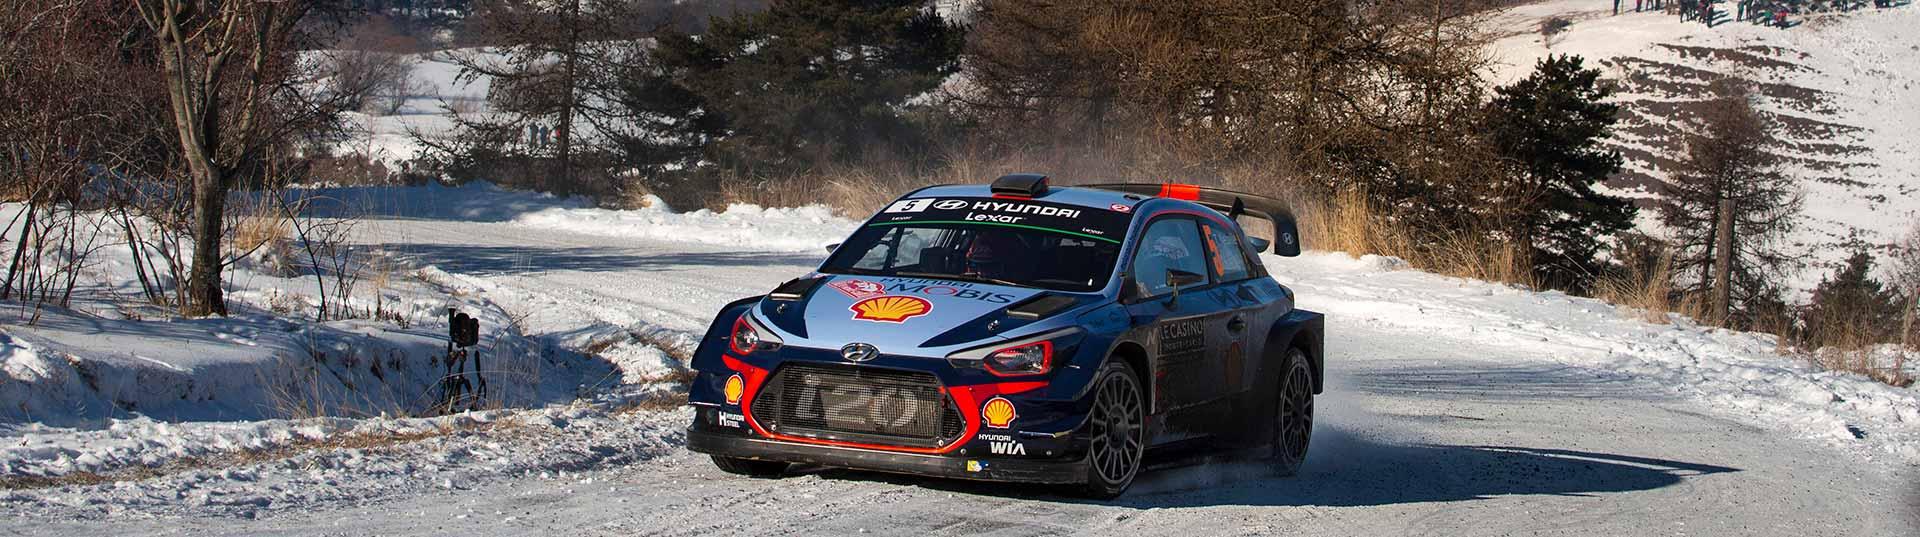 Thierry Neuville, Hyundai, Rally Monte Carlo